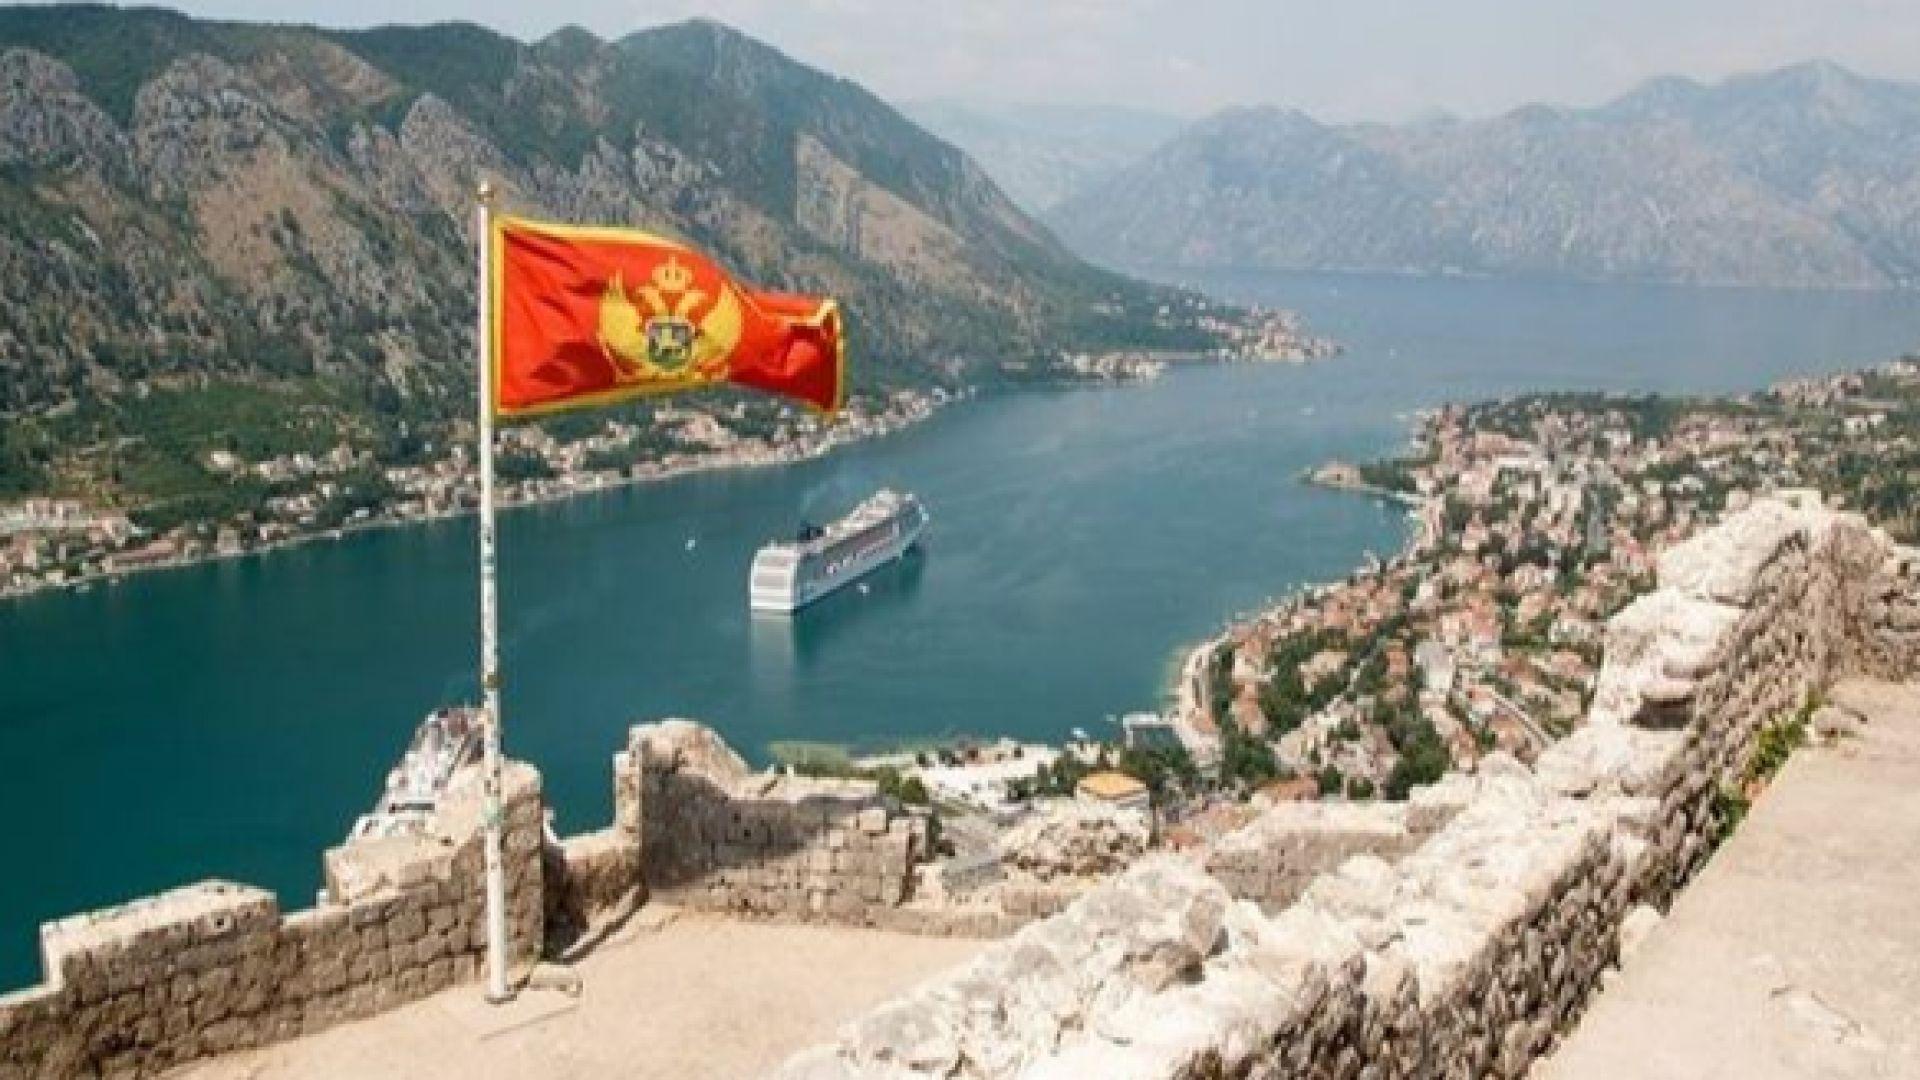 20 хил. евро глоба за неуважение към герба на Черна гора